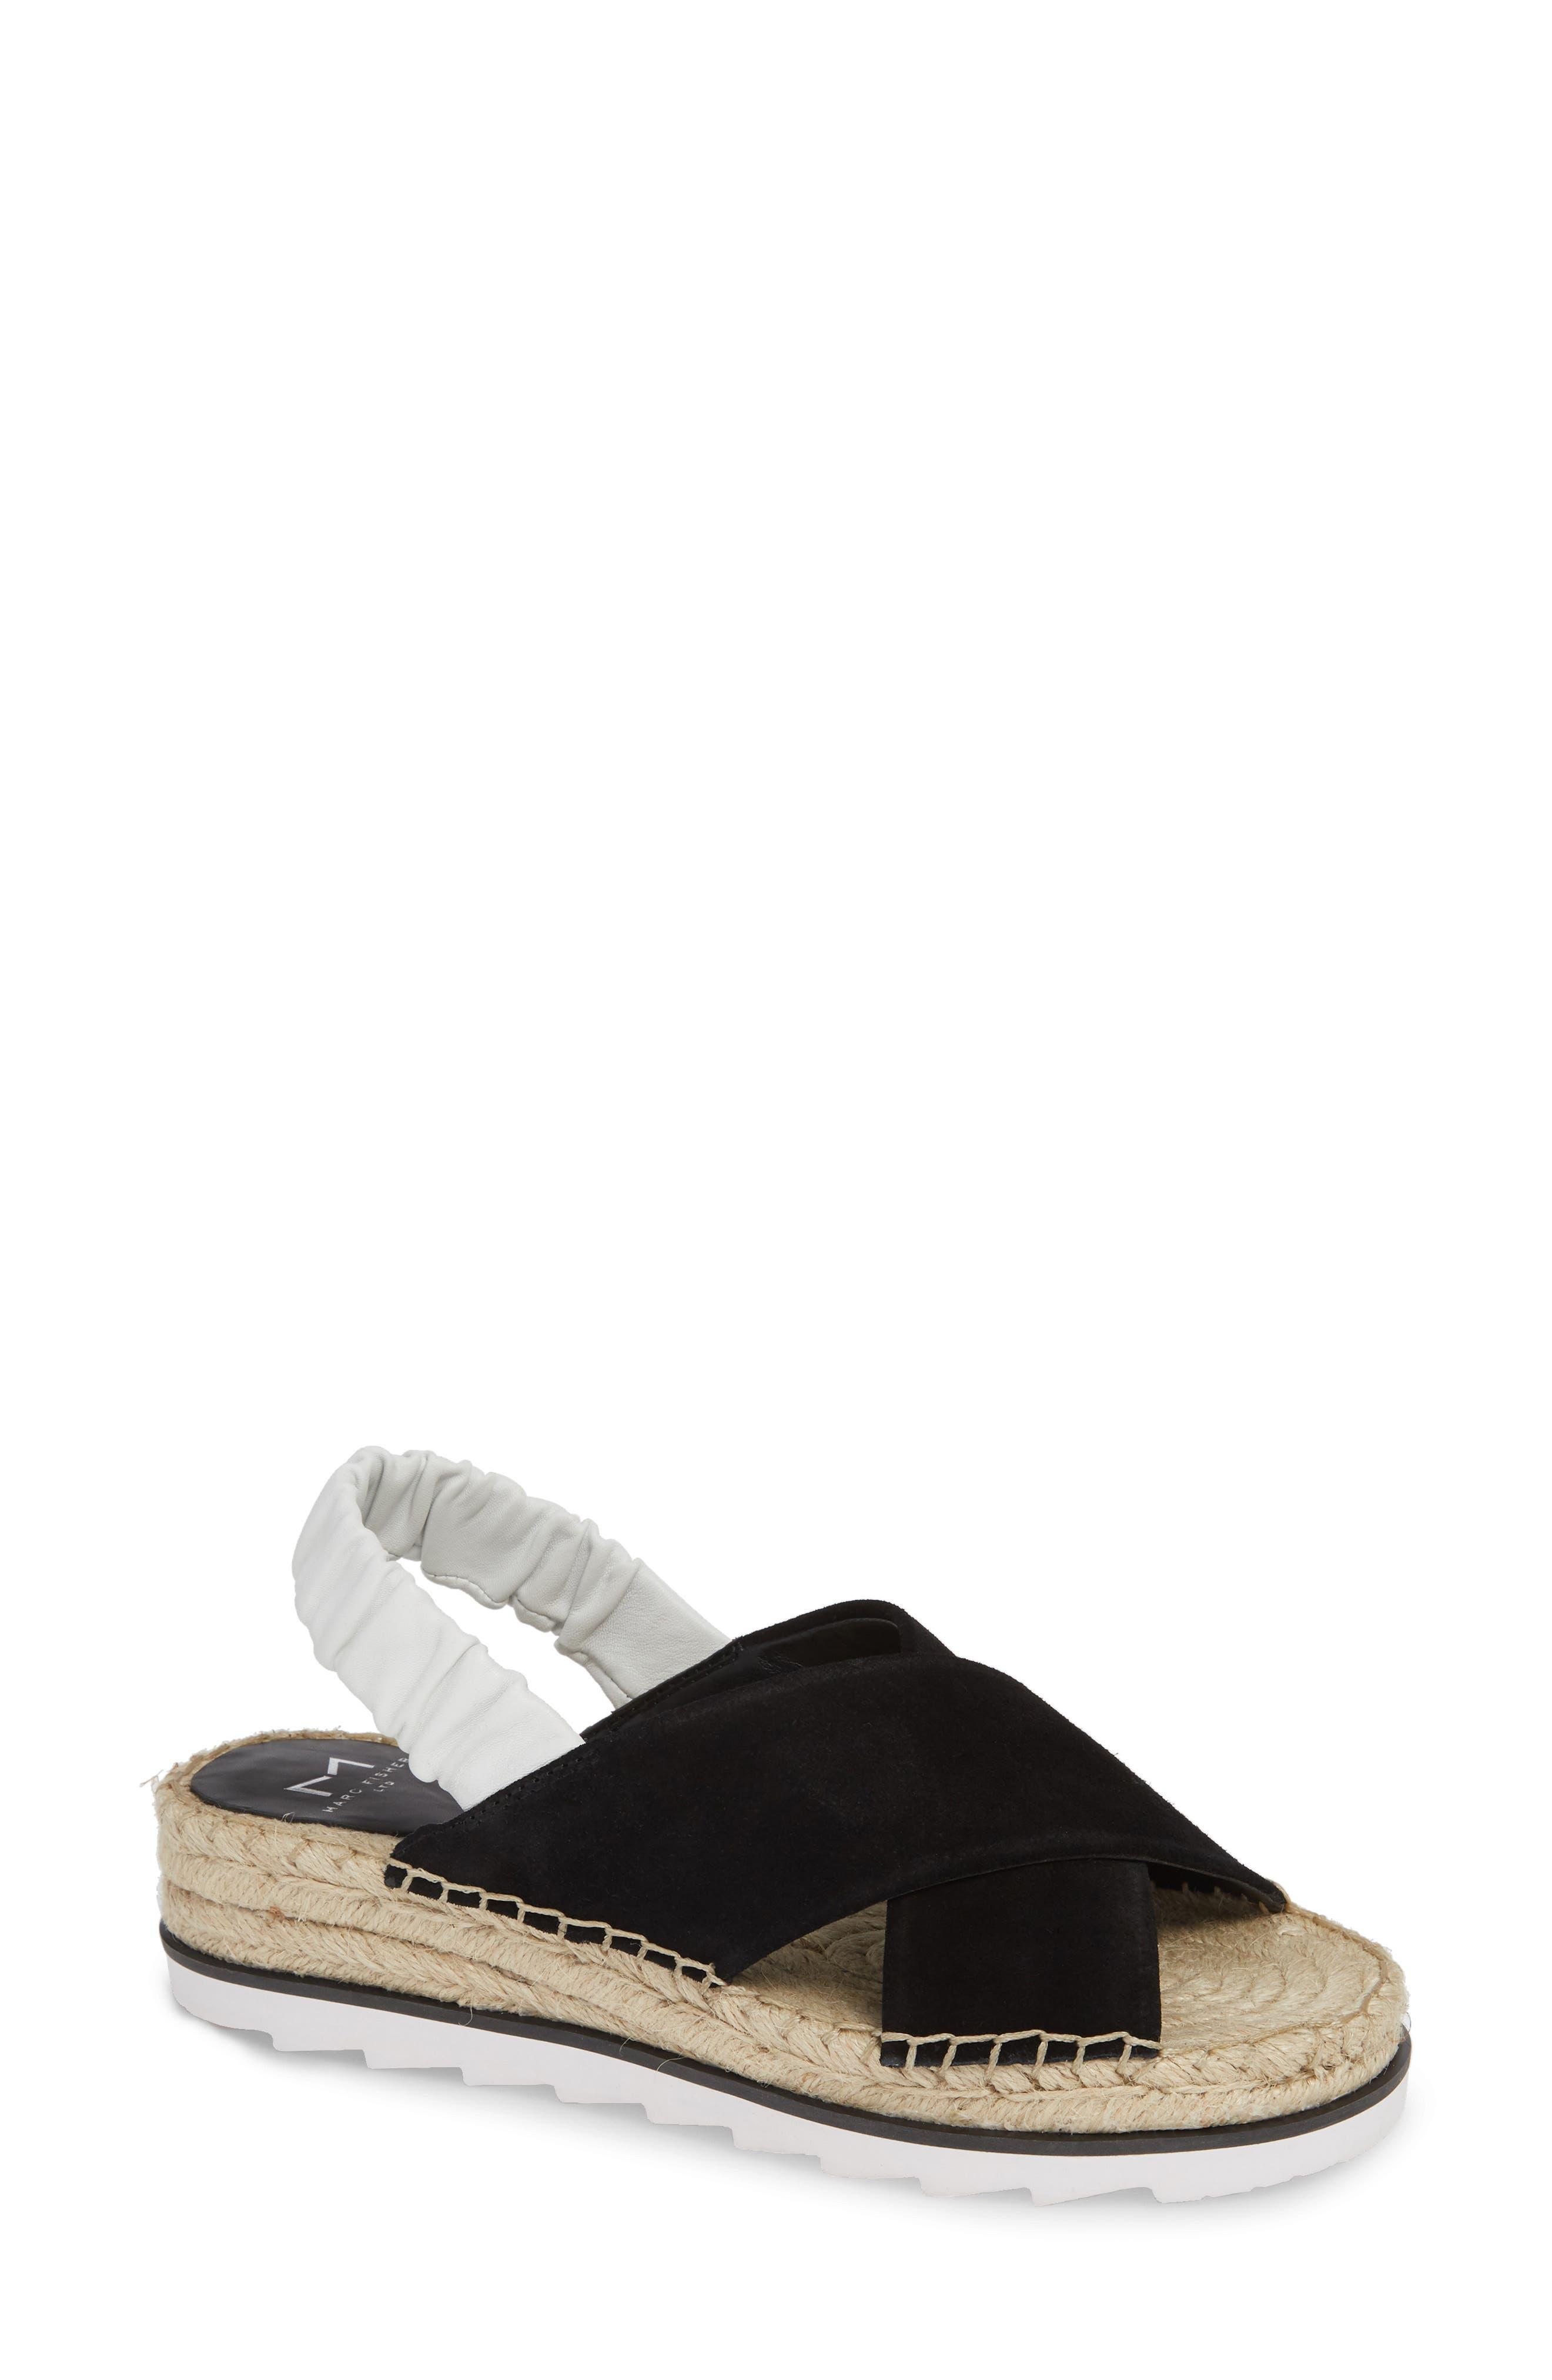 Marc Fisher Ltd Pella Sandal- Black